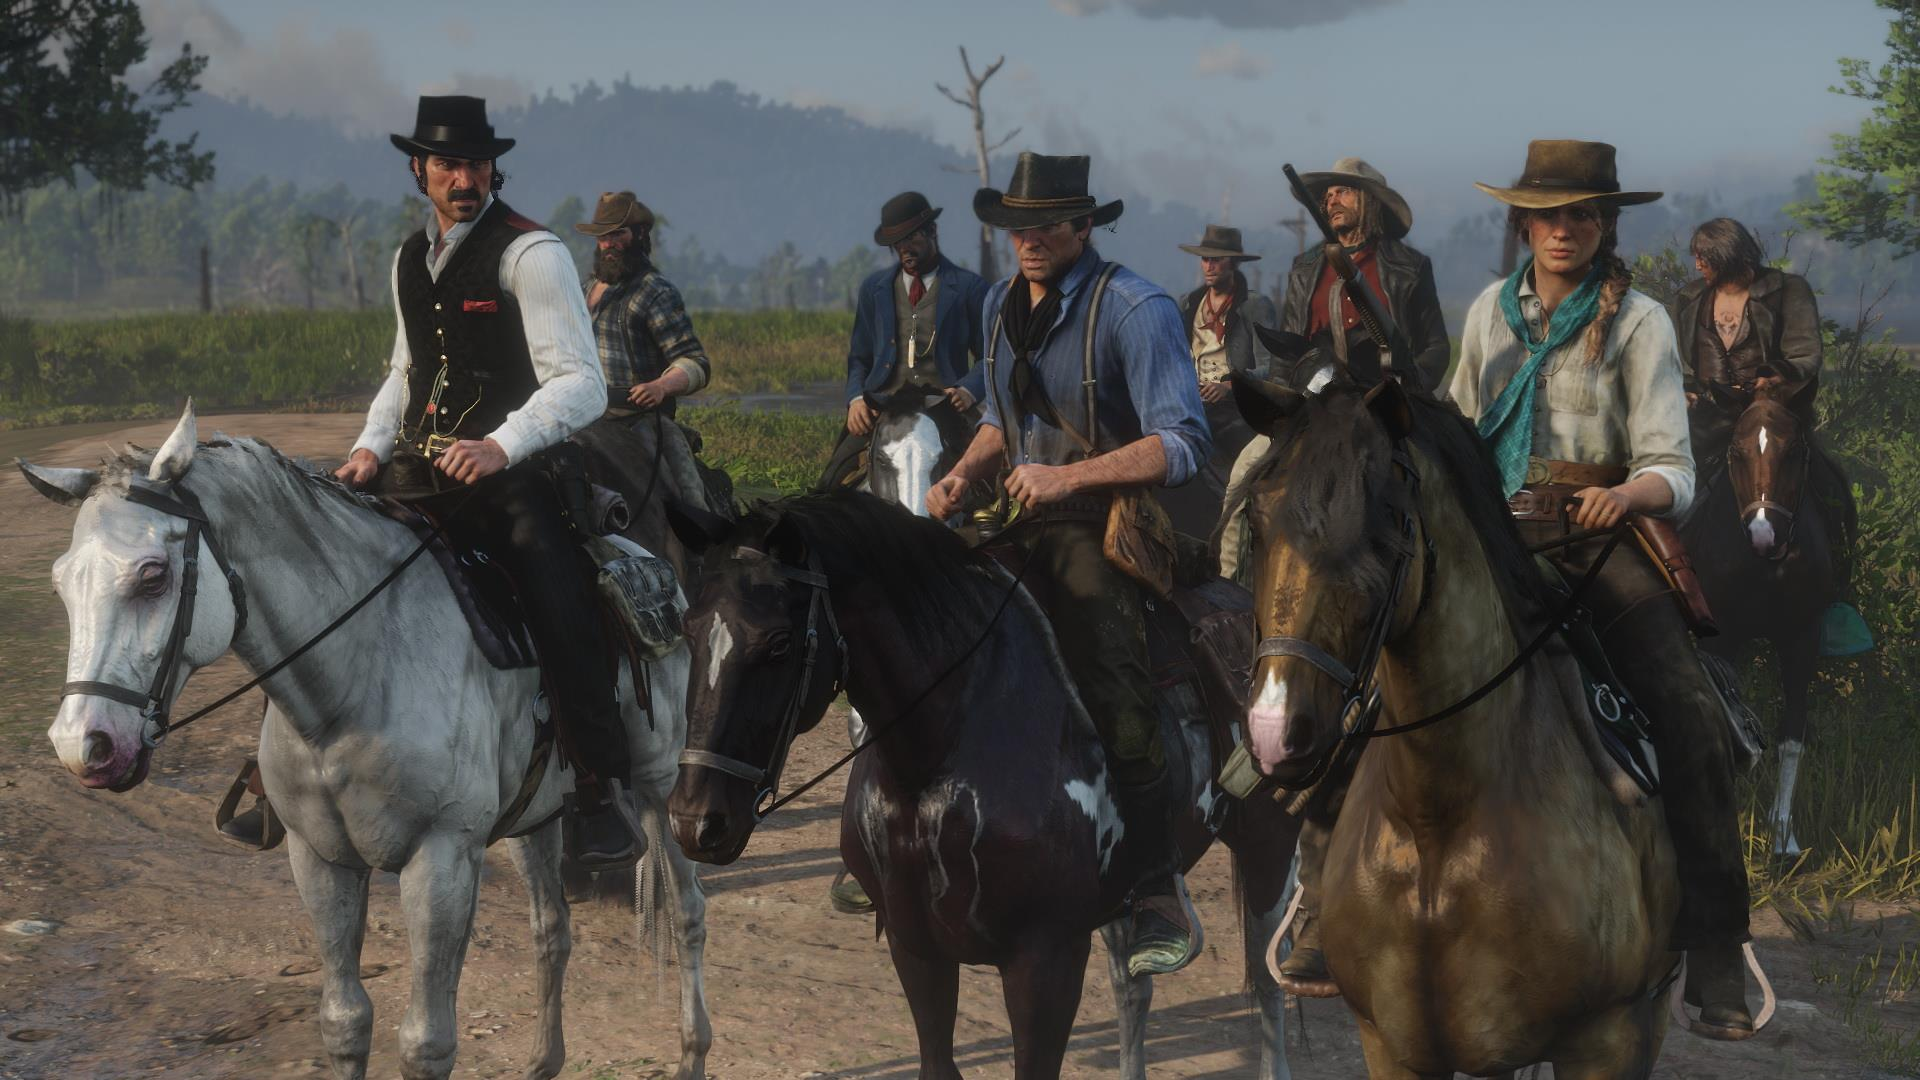 Neue Screenshots zu Red Dead Redemption 2 zeigen Tierwelt, Open World und Charaktere. Bild 7 - Quelle: Rockstar Games